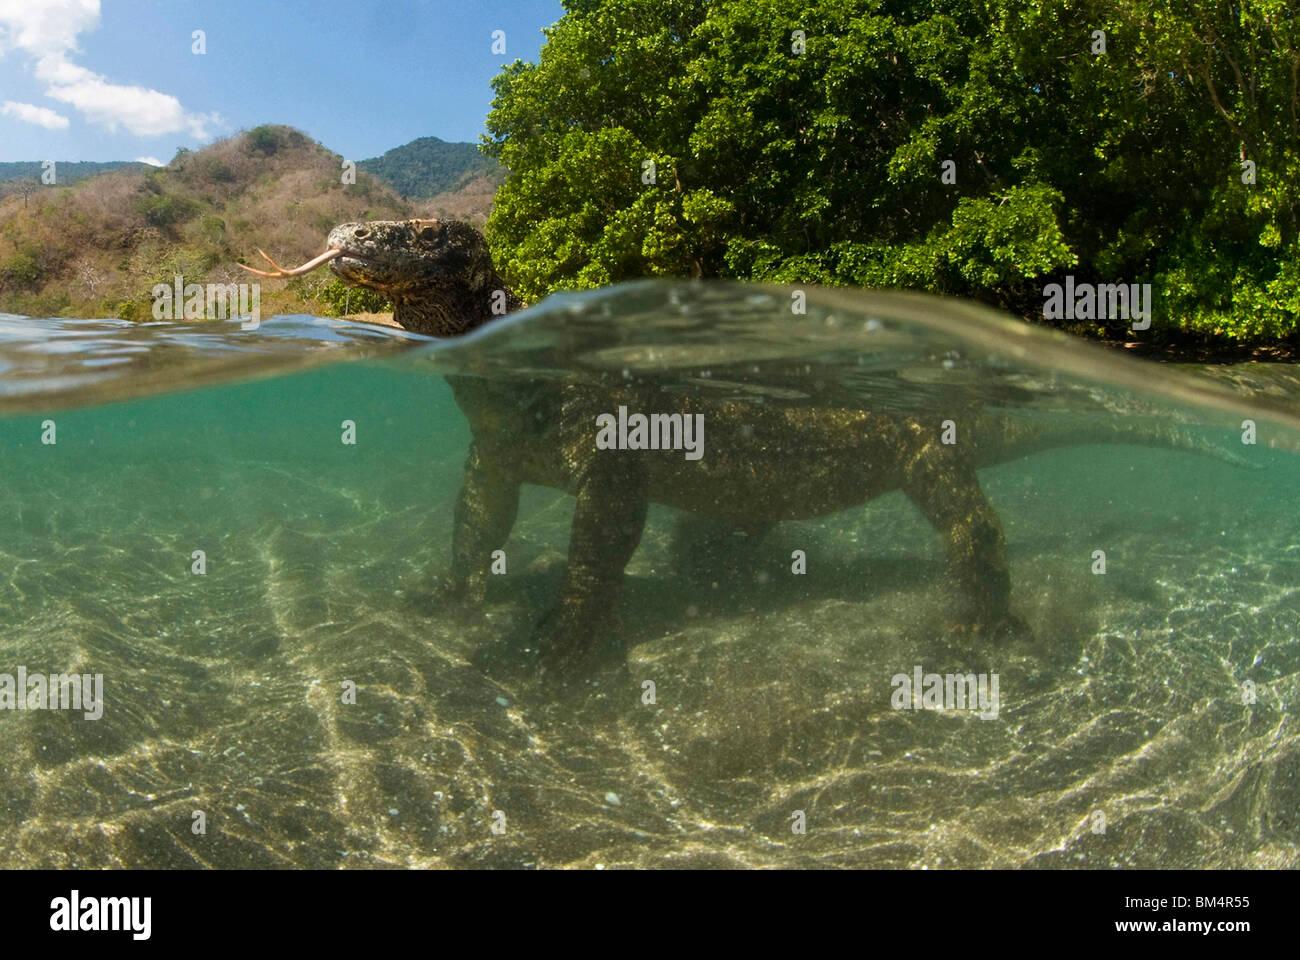 Komodo Dragon in Lagoon, Varanus komodoensis, Komodo Nationalpark, Indonesia - Stock Image